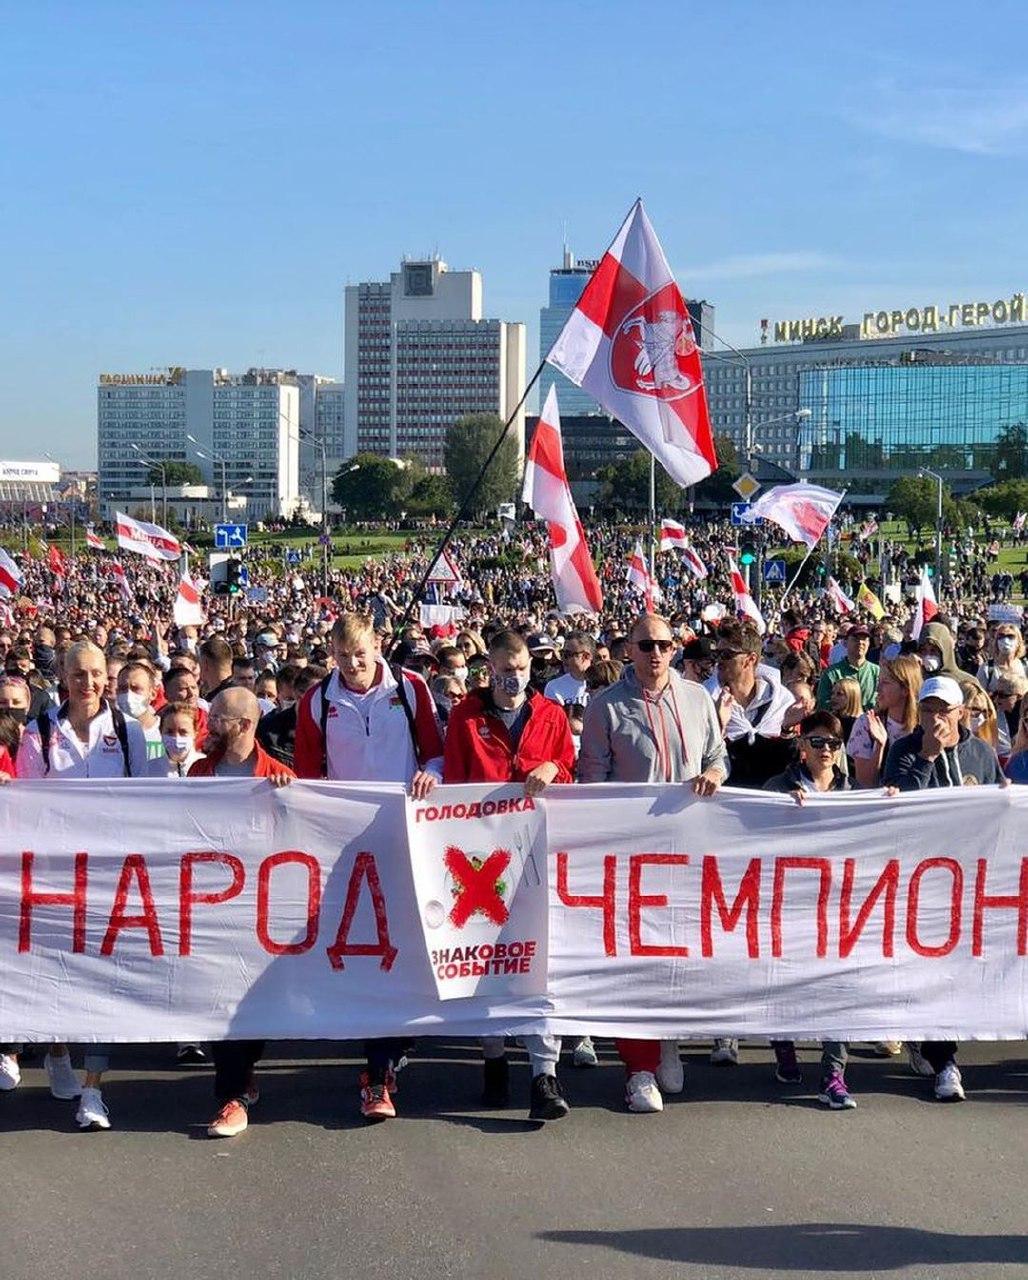 «Нас не считают за людей, такого нет даже в Африке». Спортсменов в Беларуси увольняют и запугивают, а лучшую баскетболистку посадили на 15 суток